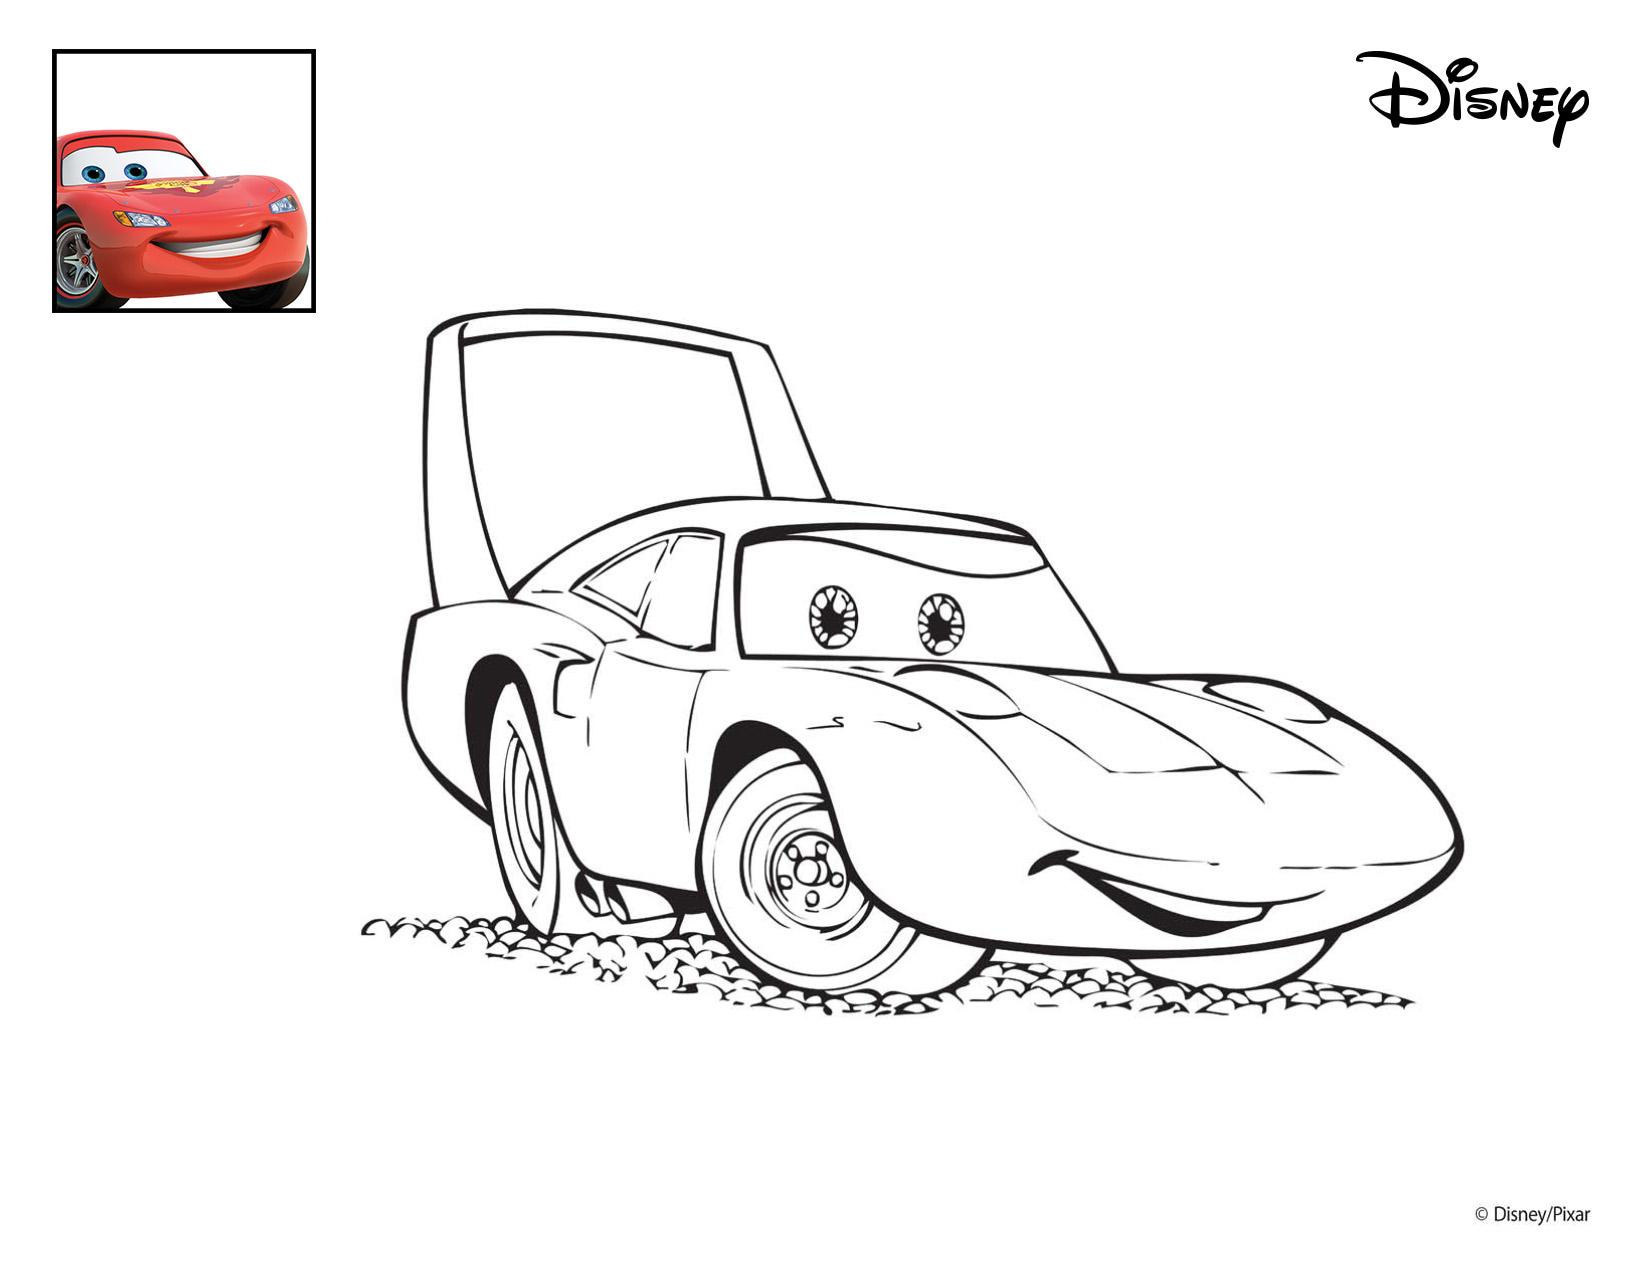 Malvorlagen Autos - Kostenlose Ausmalbilder | Mytoys Blog verwandt mit Auto Zum Ausmalen